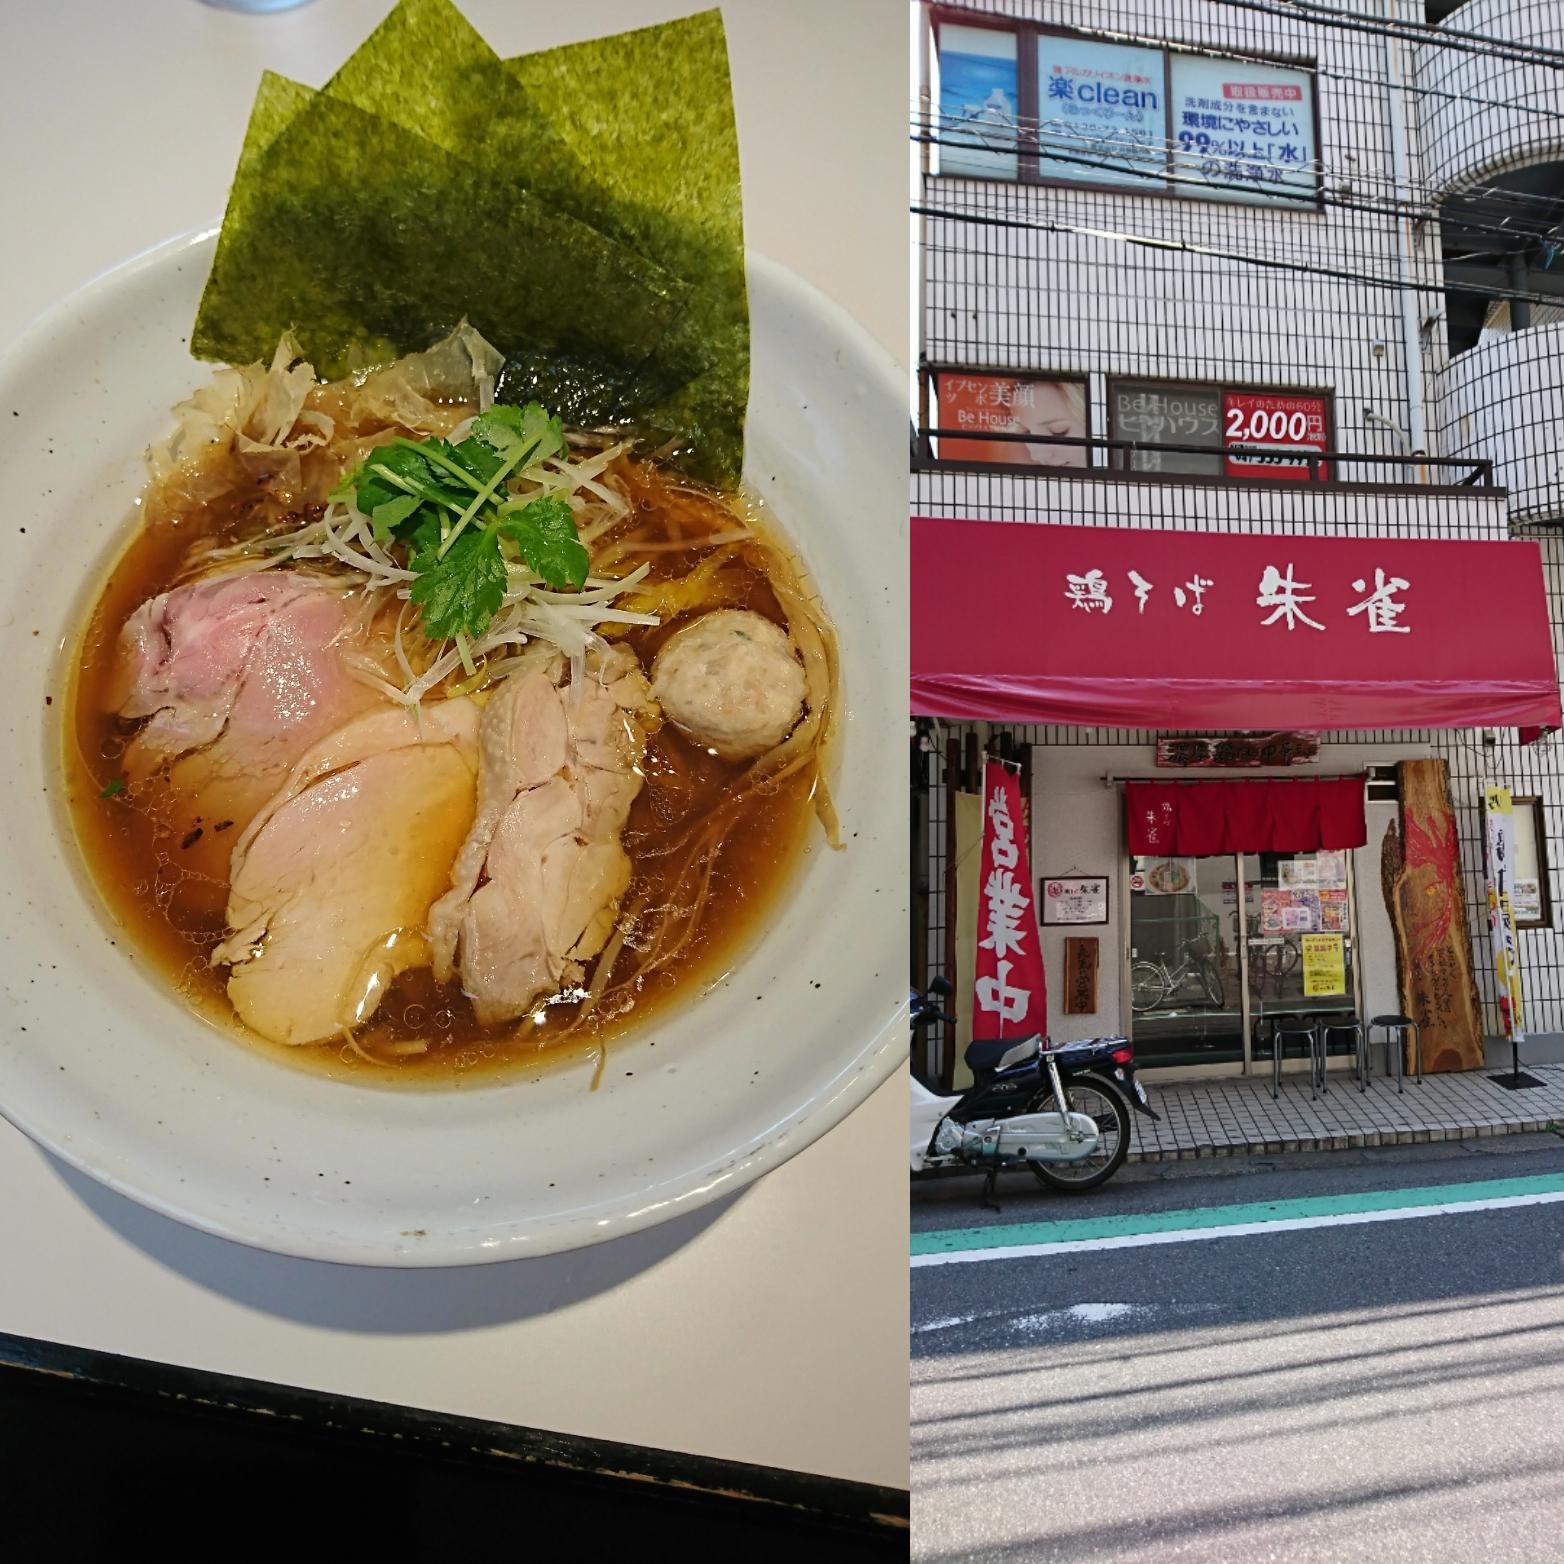 鶏そば 朱雀(船橋市/ラーメン)からのお団子